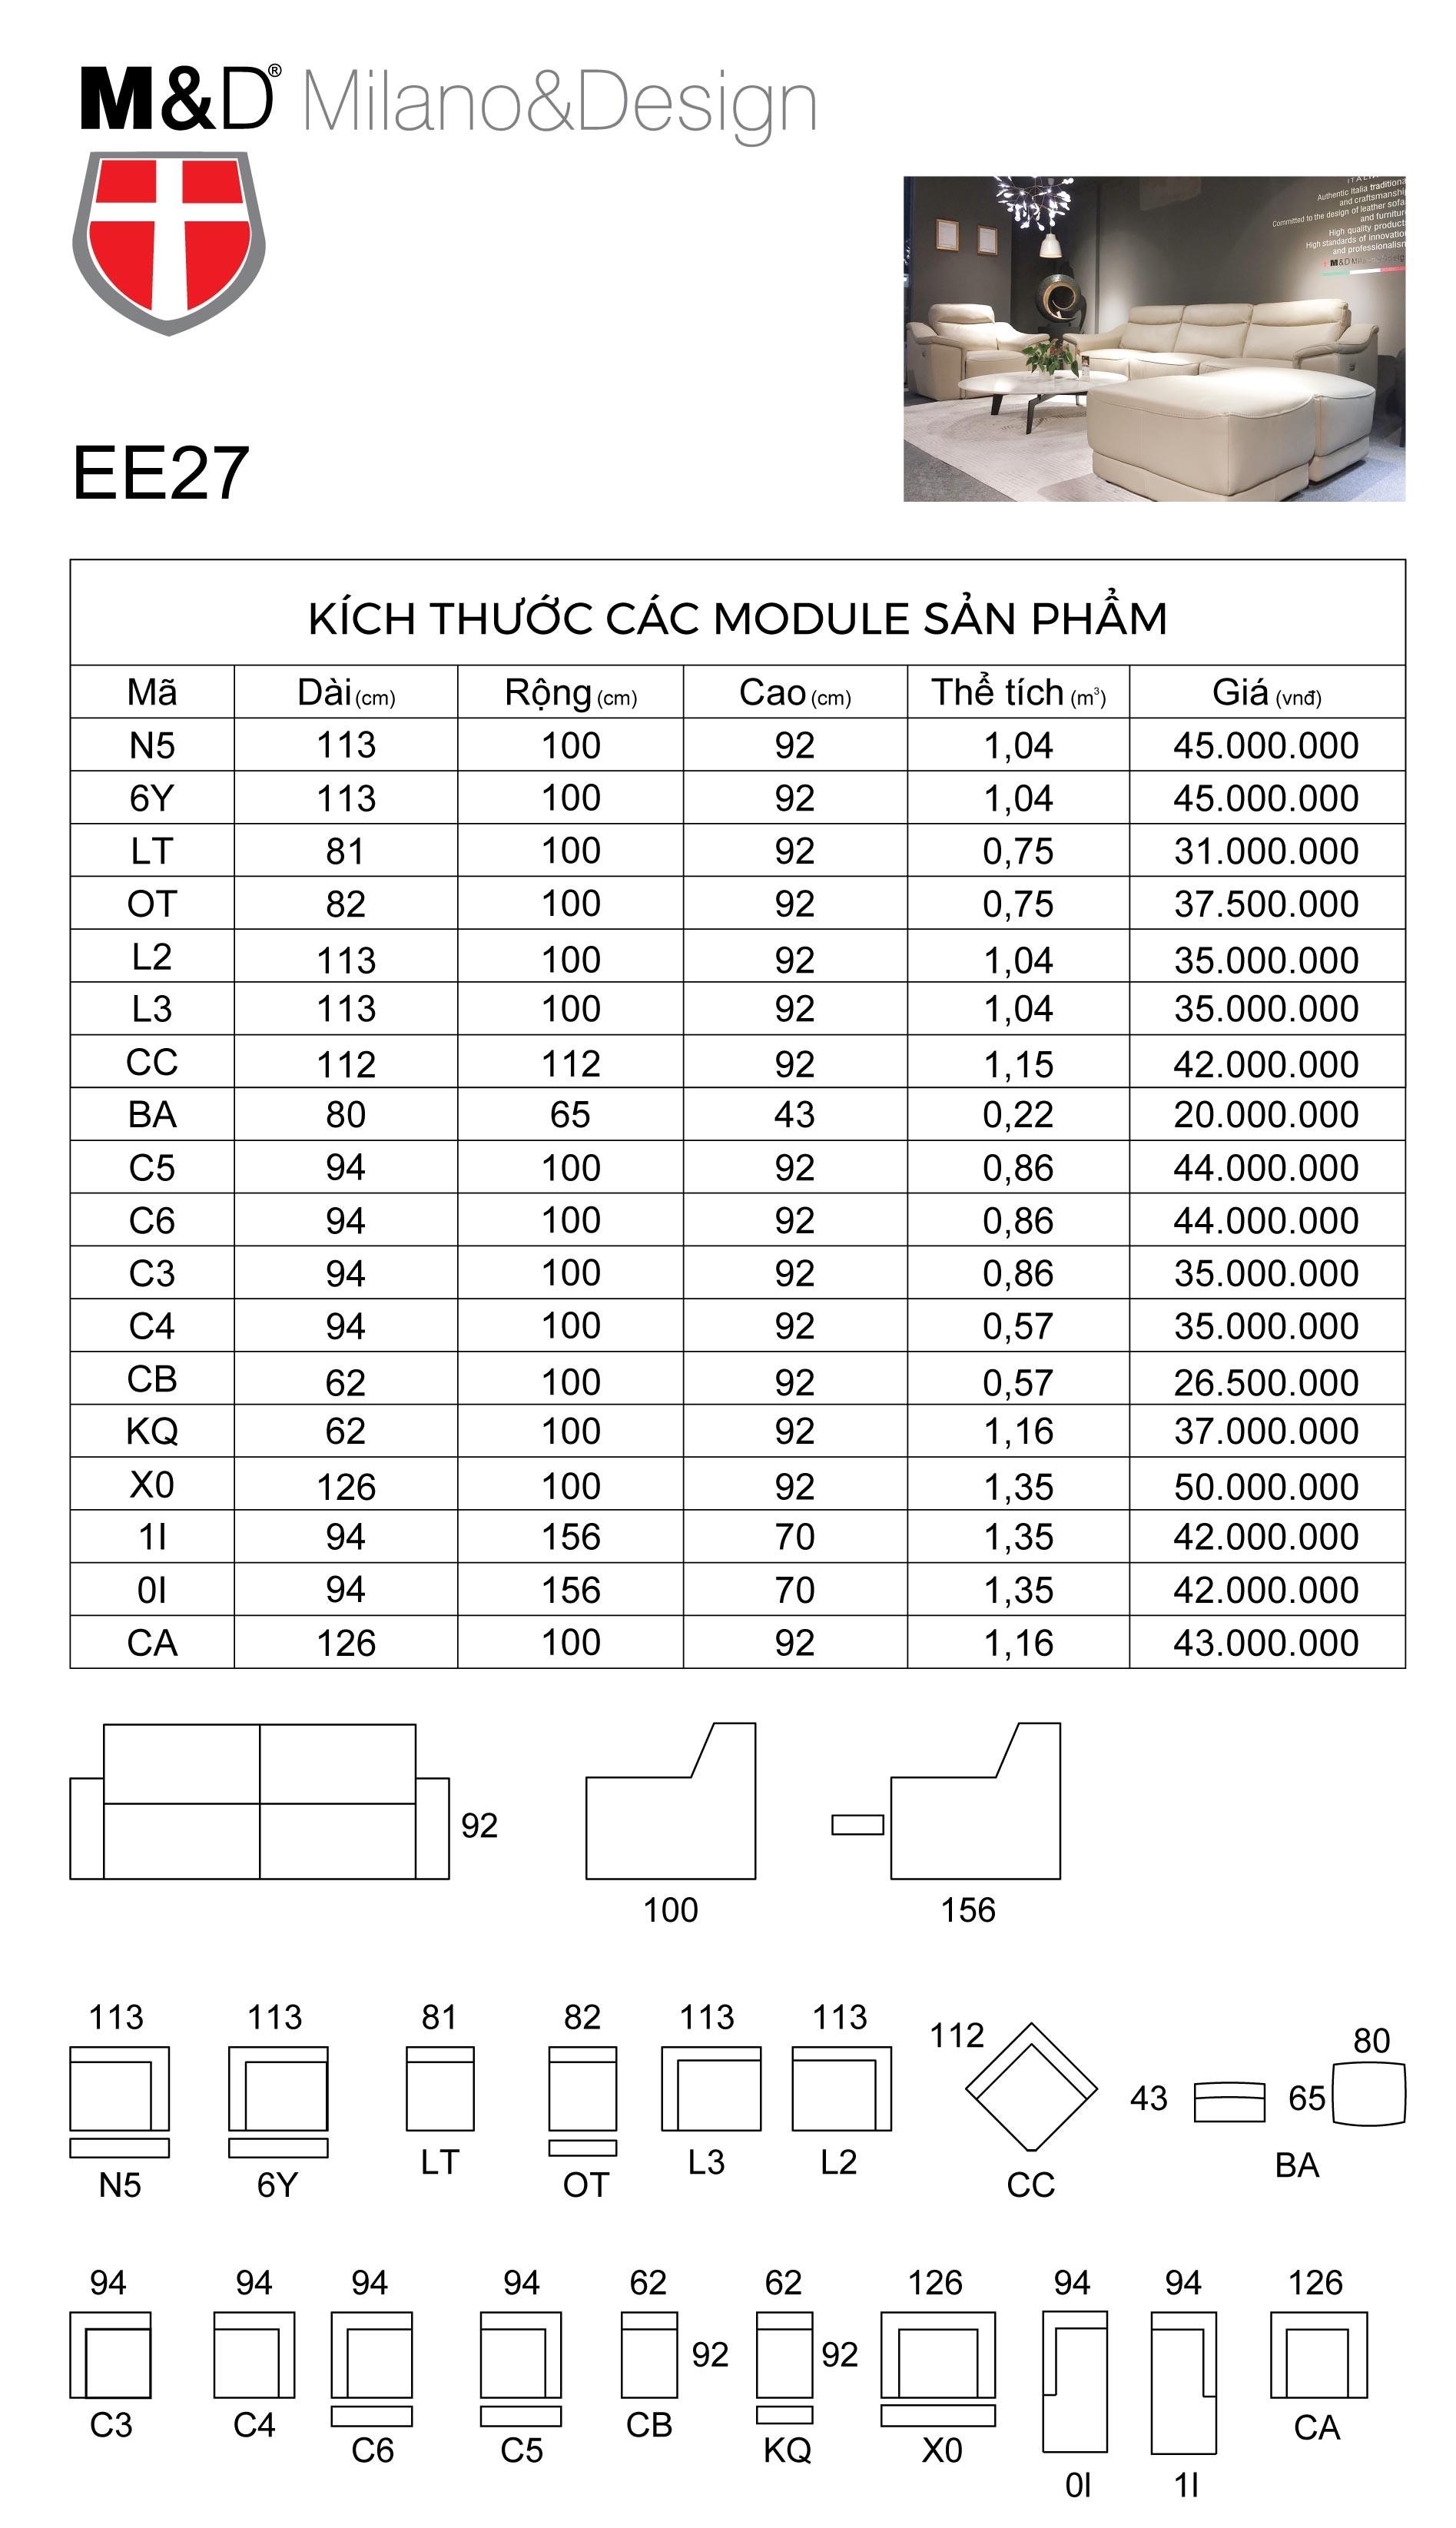 Bảng thông số kĩ thuật bộ sofa da EE27